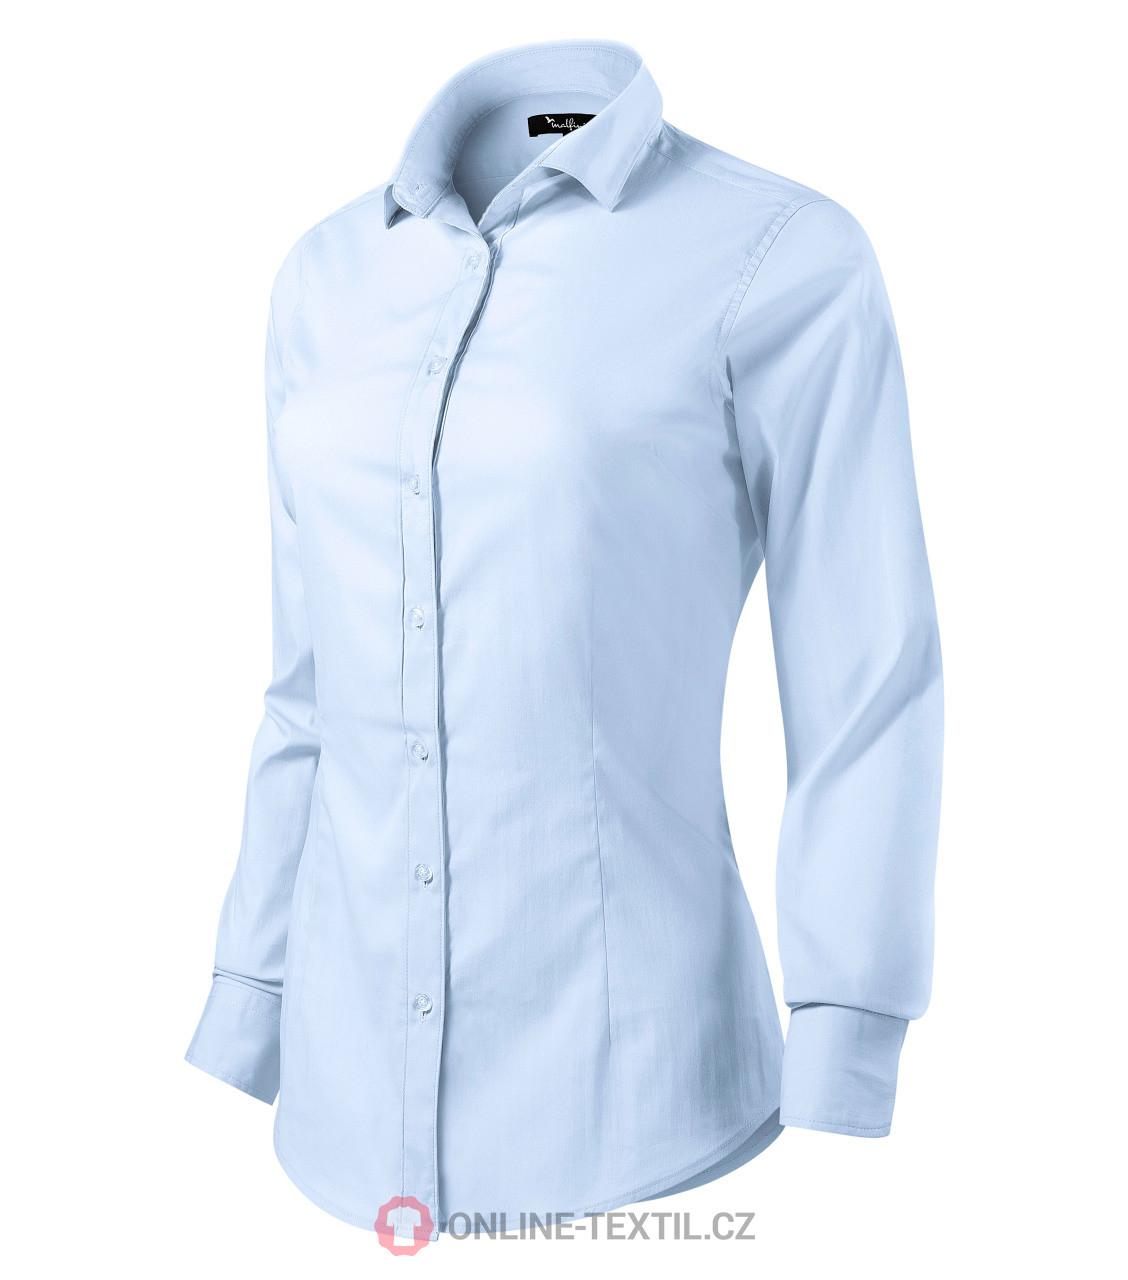 ADLER CZECH Dámská košile Malfini Premium Dynamic 263 - light blue z ... 991a52a608